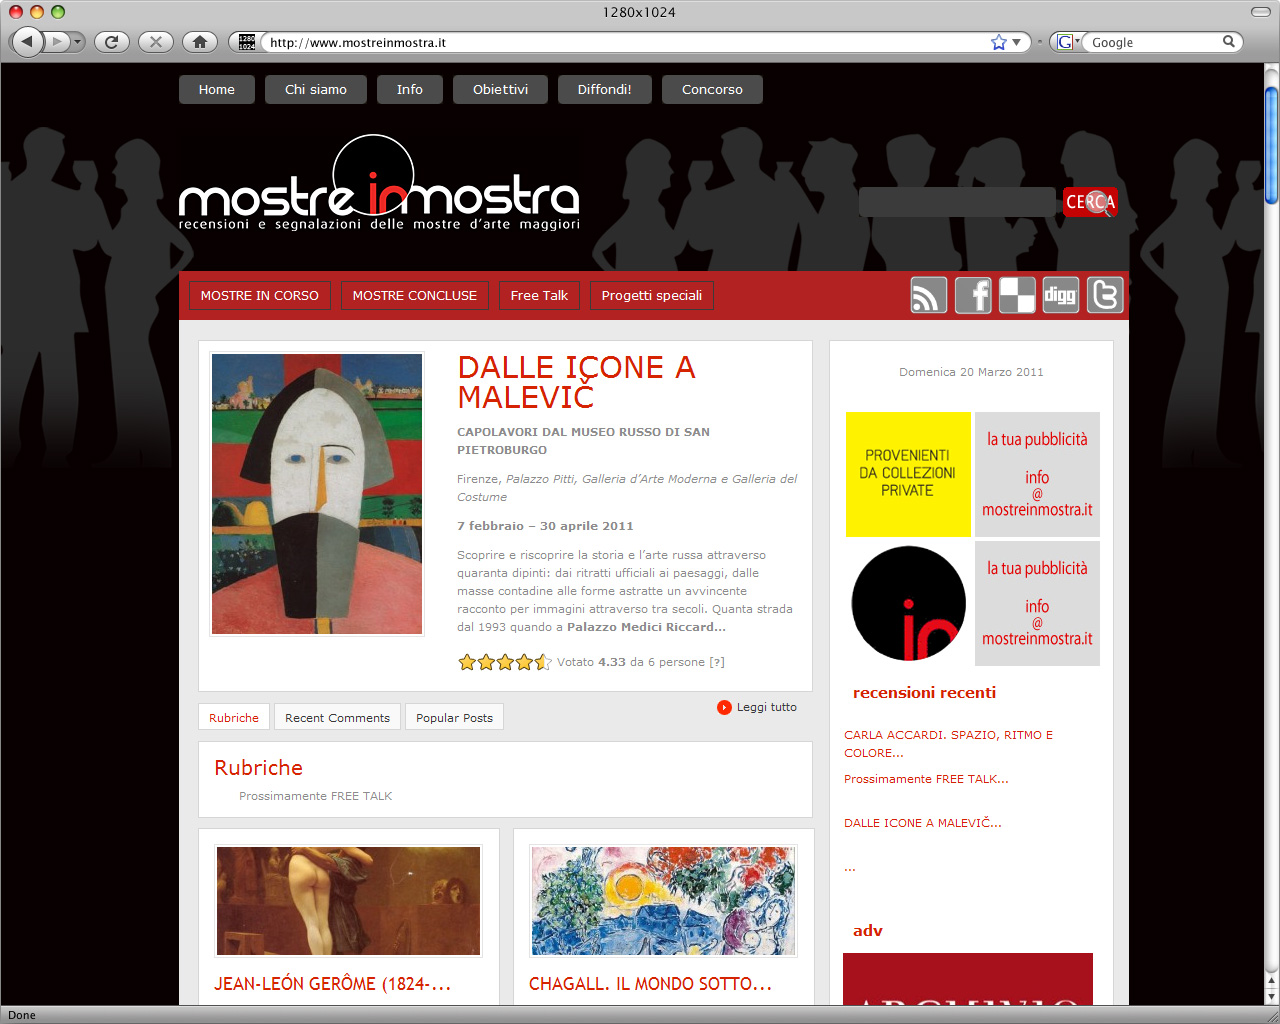 sito mostreinmostra2